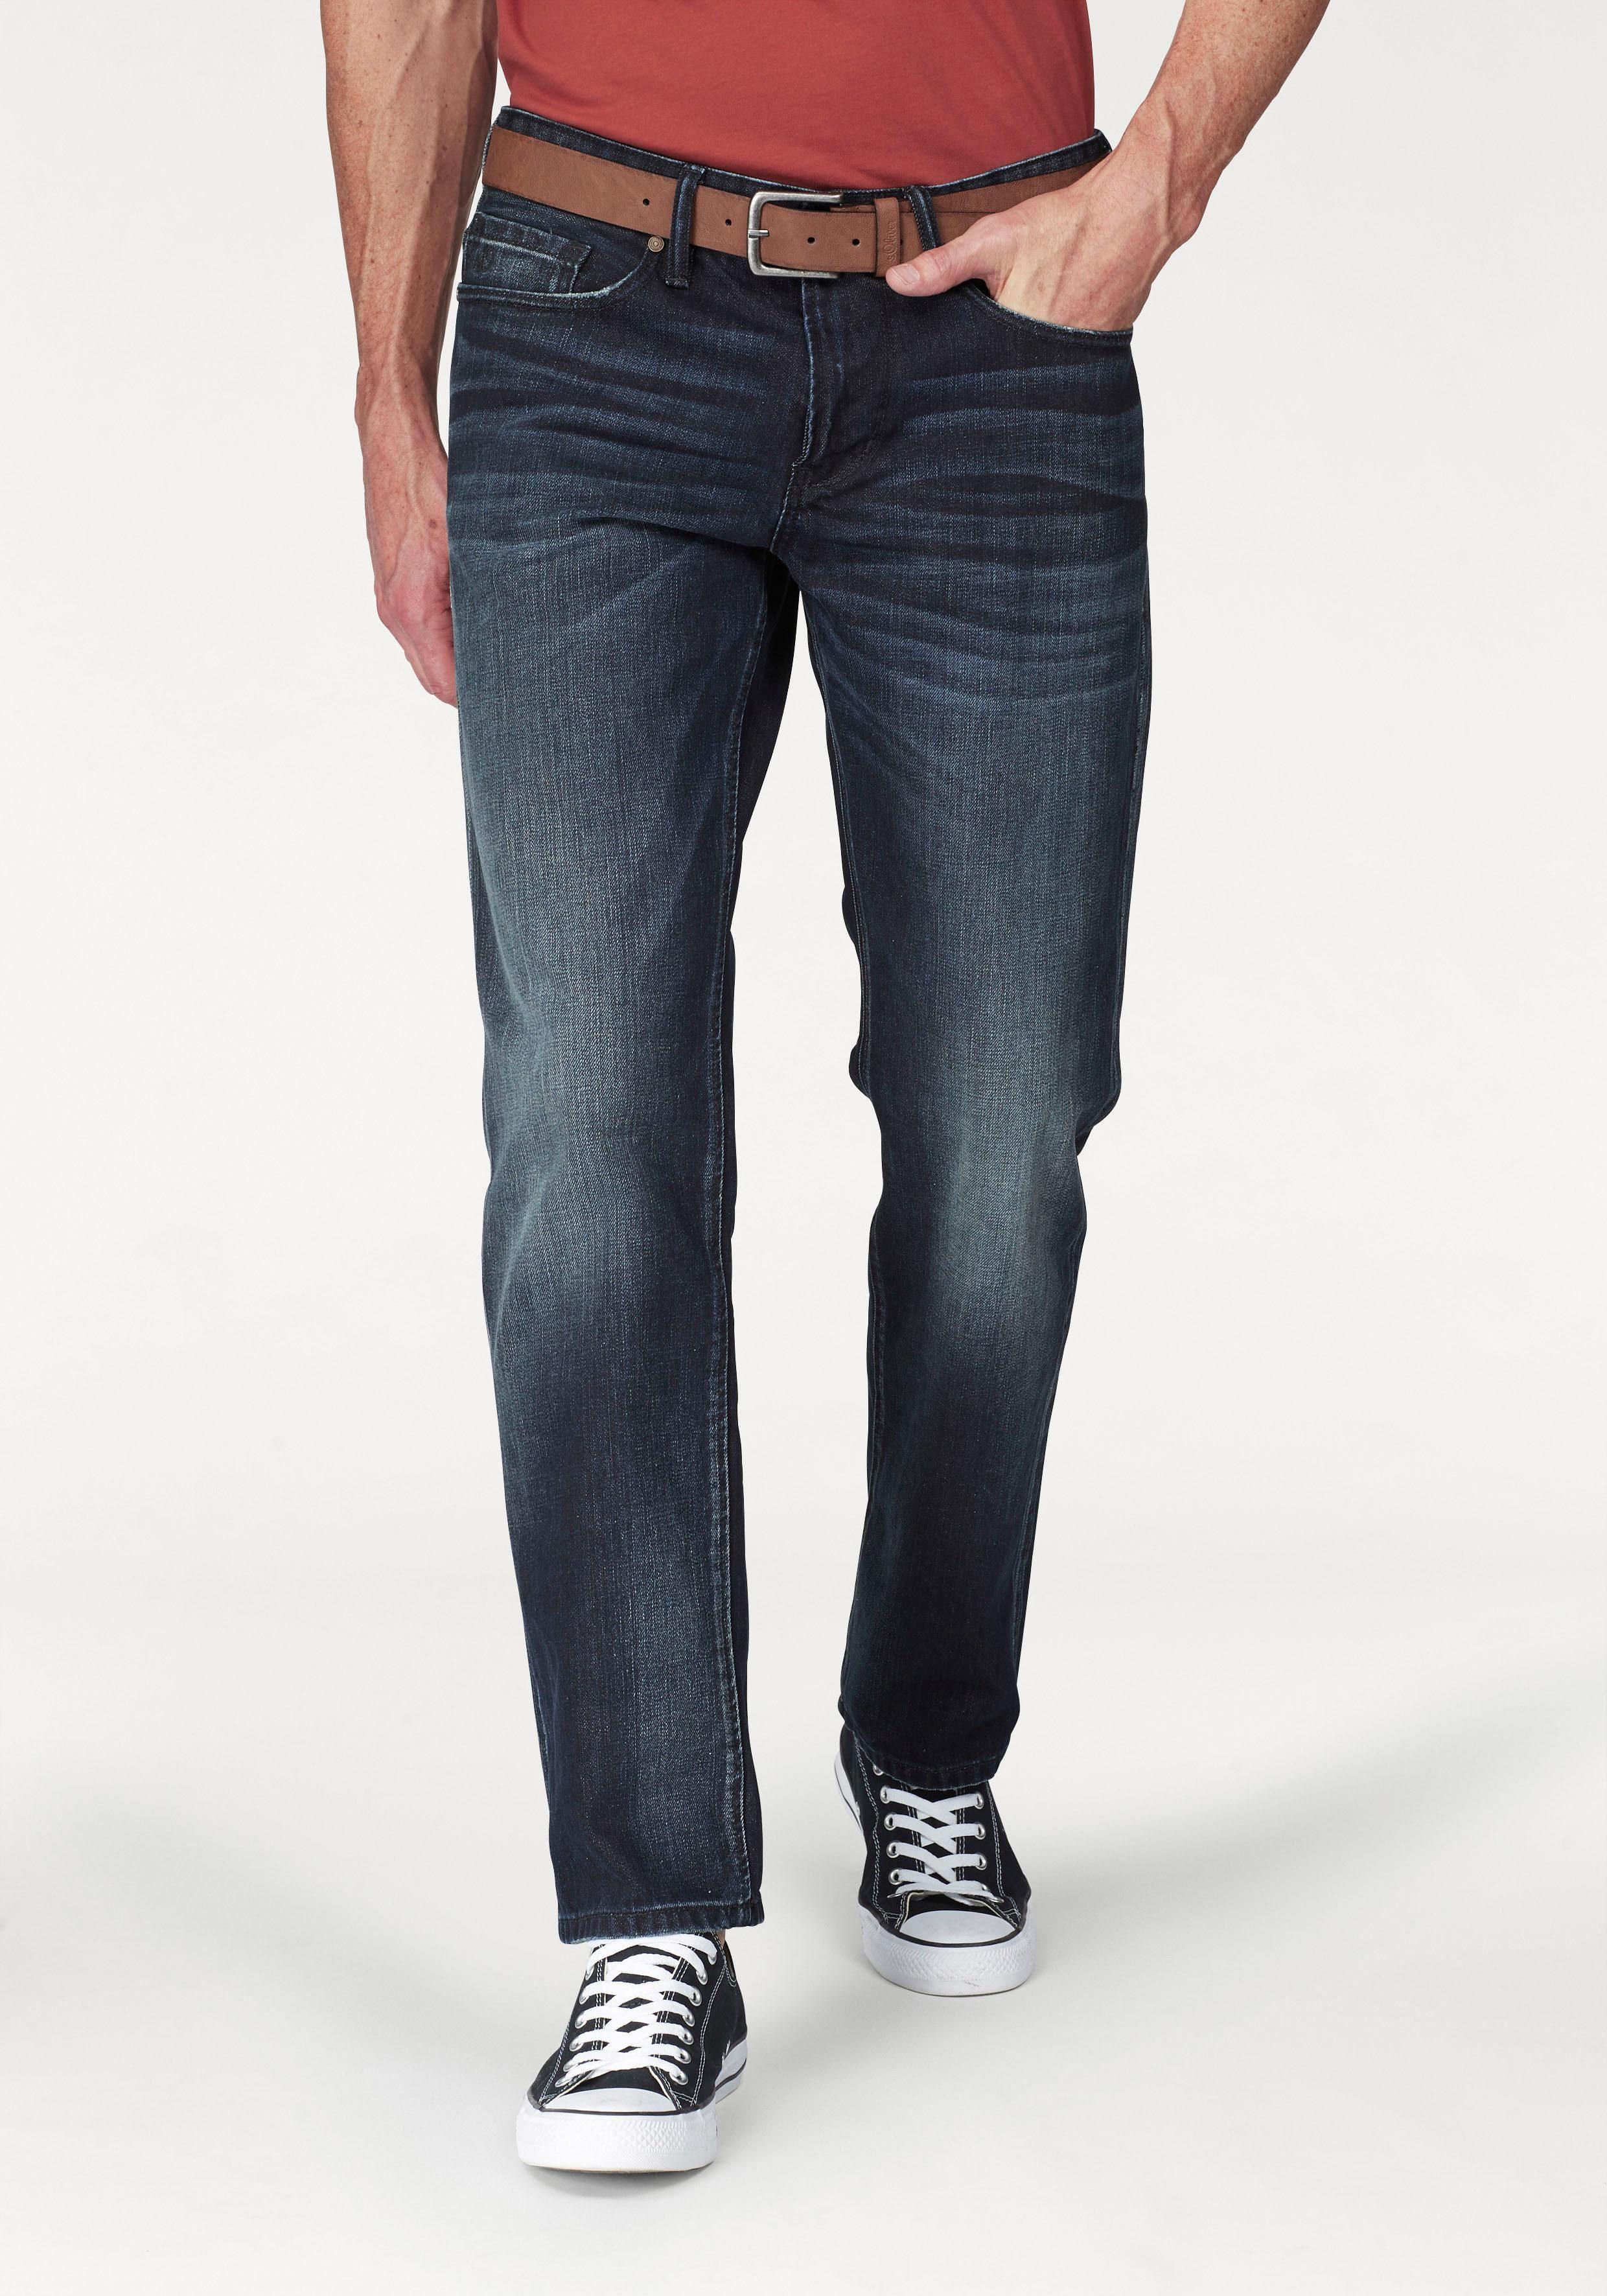 s.Oliver 5 Pocket Jeans (Set, mit Gürtel)